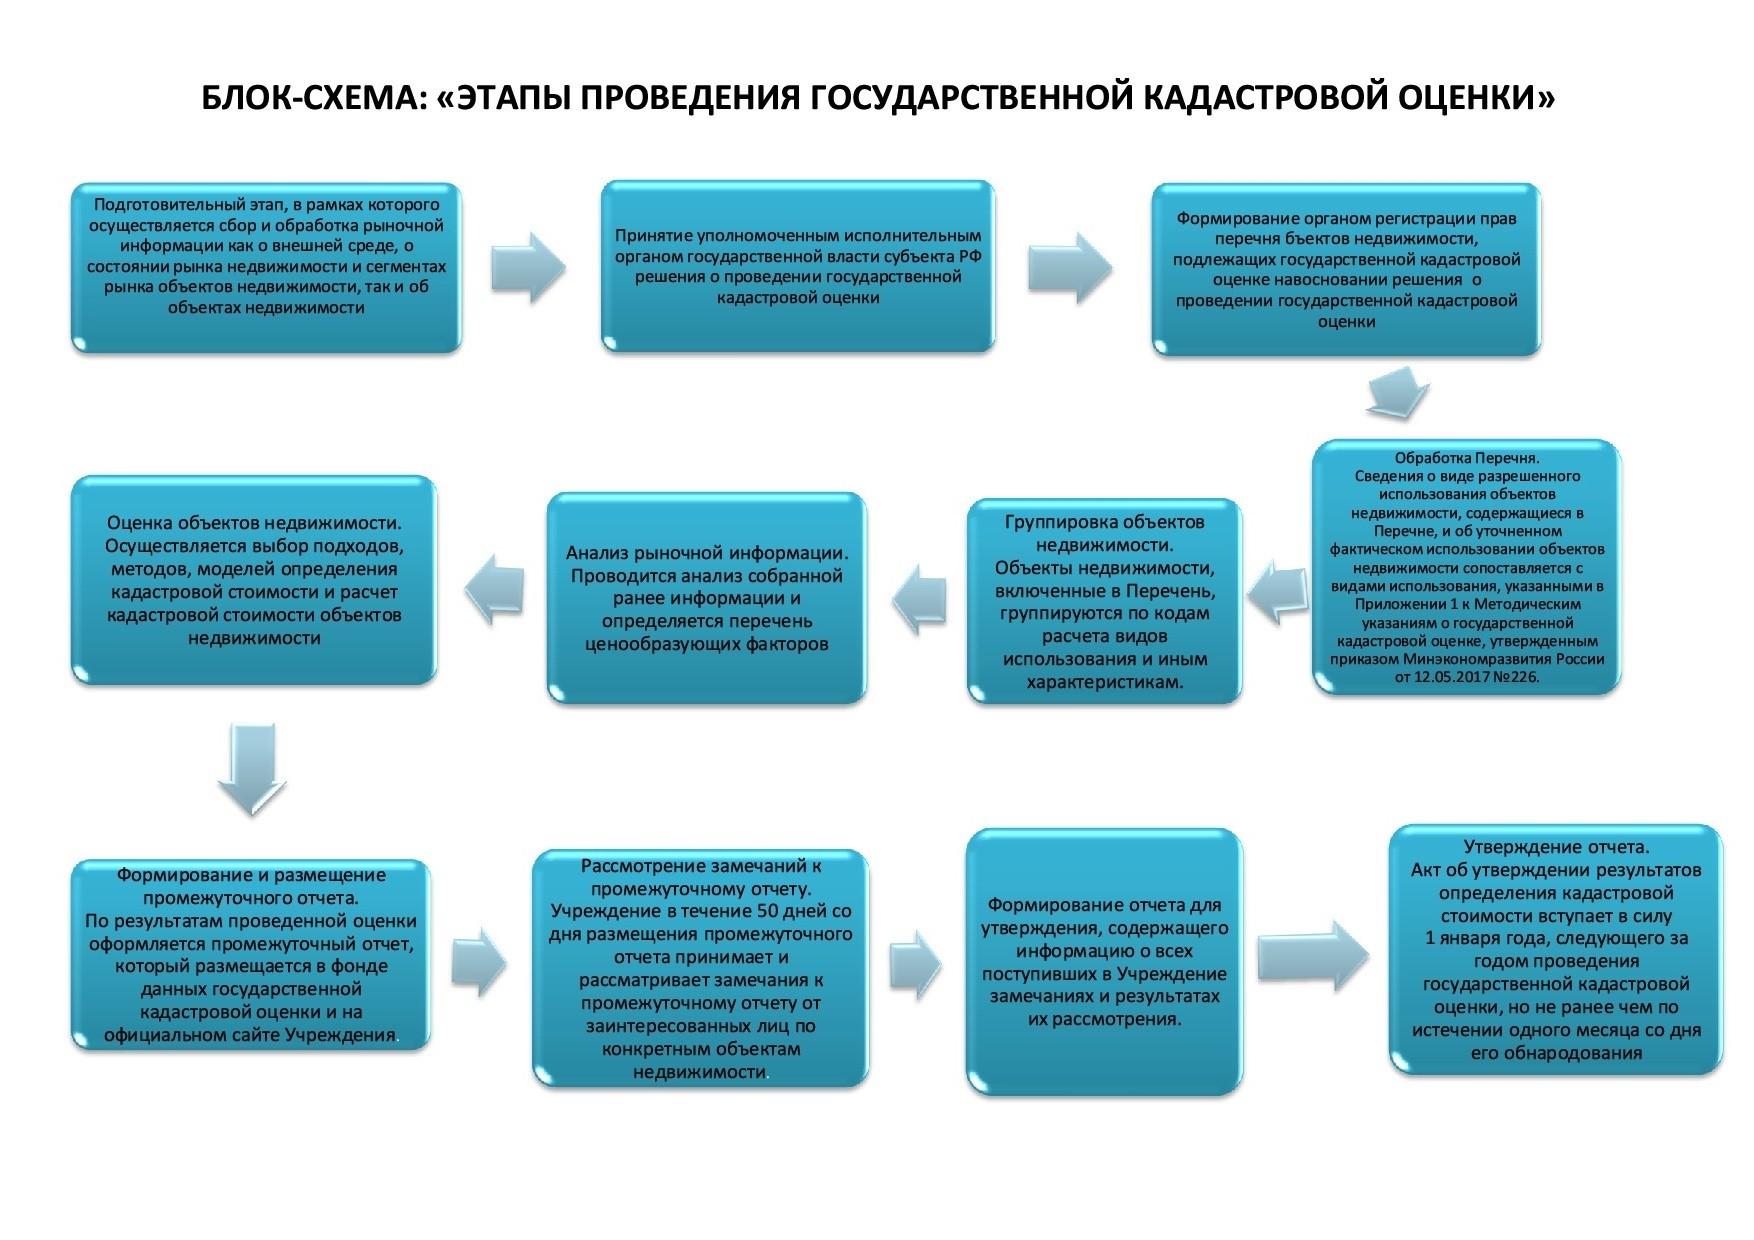 На схеме представлен алгоритм проведения государственной оценки для определения кадастровой стоимости.